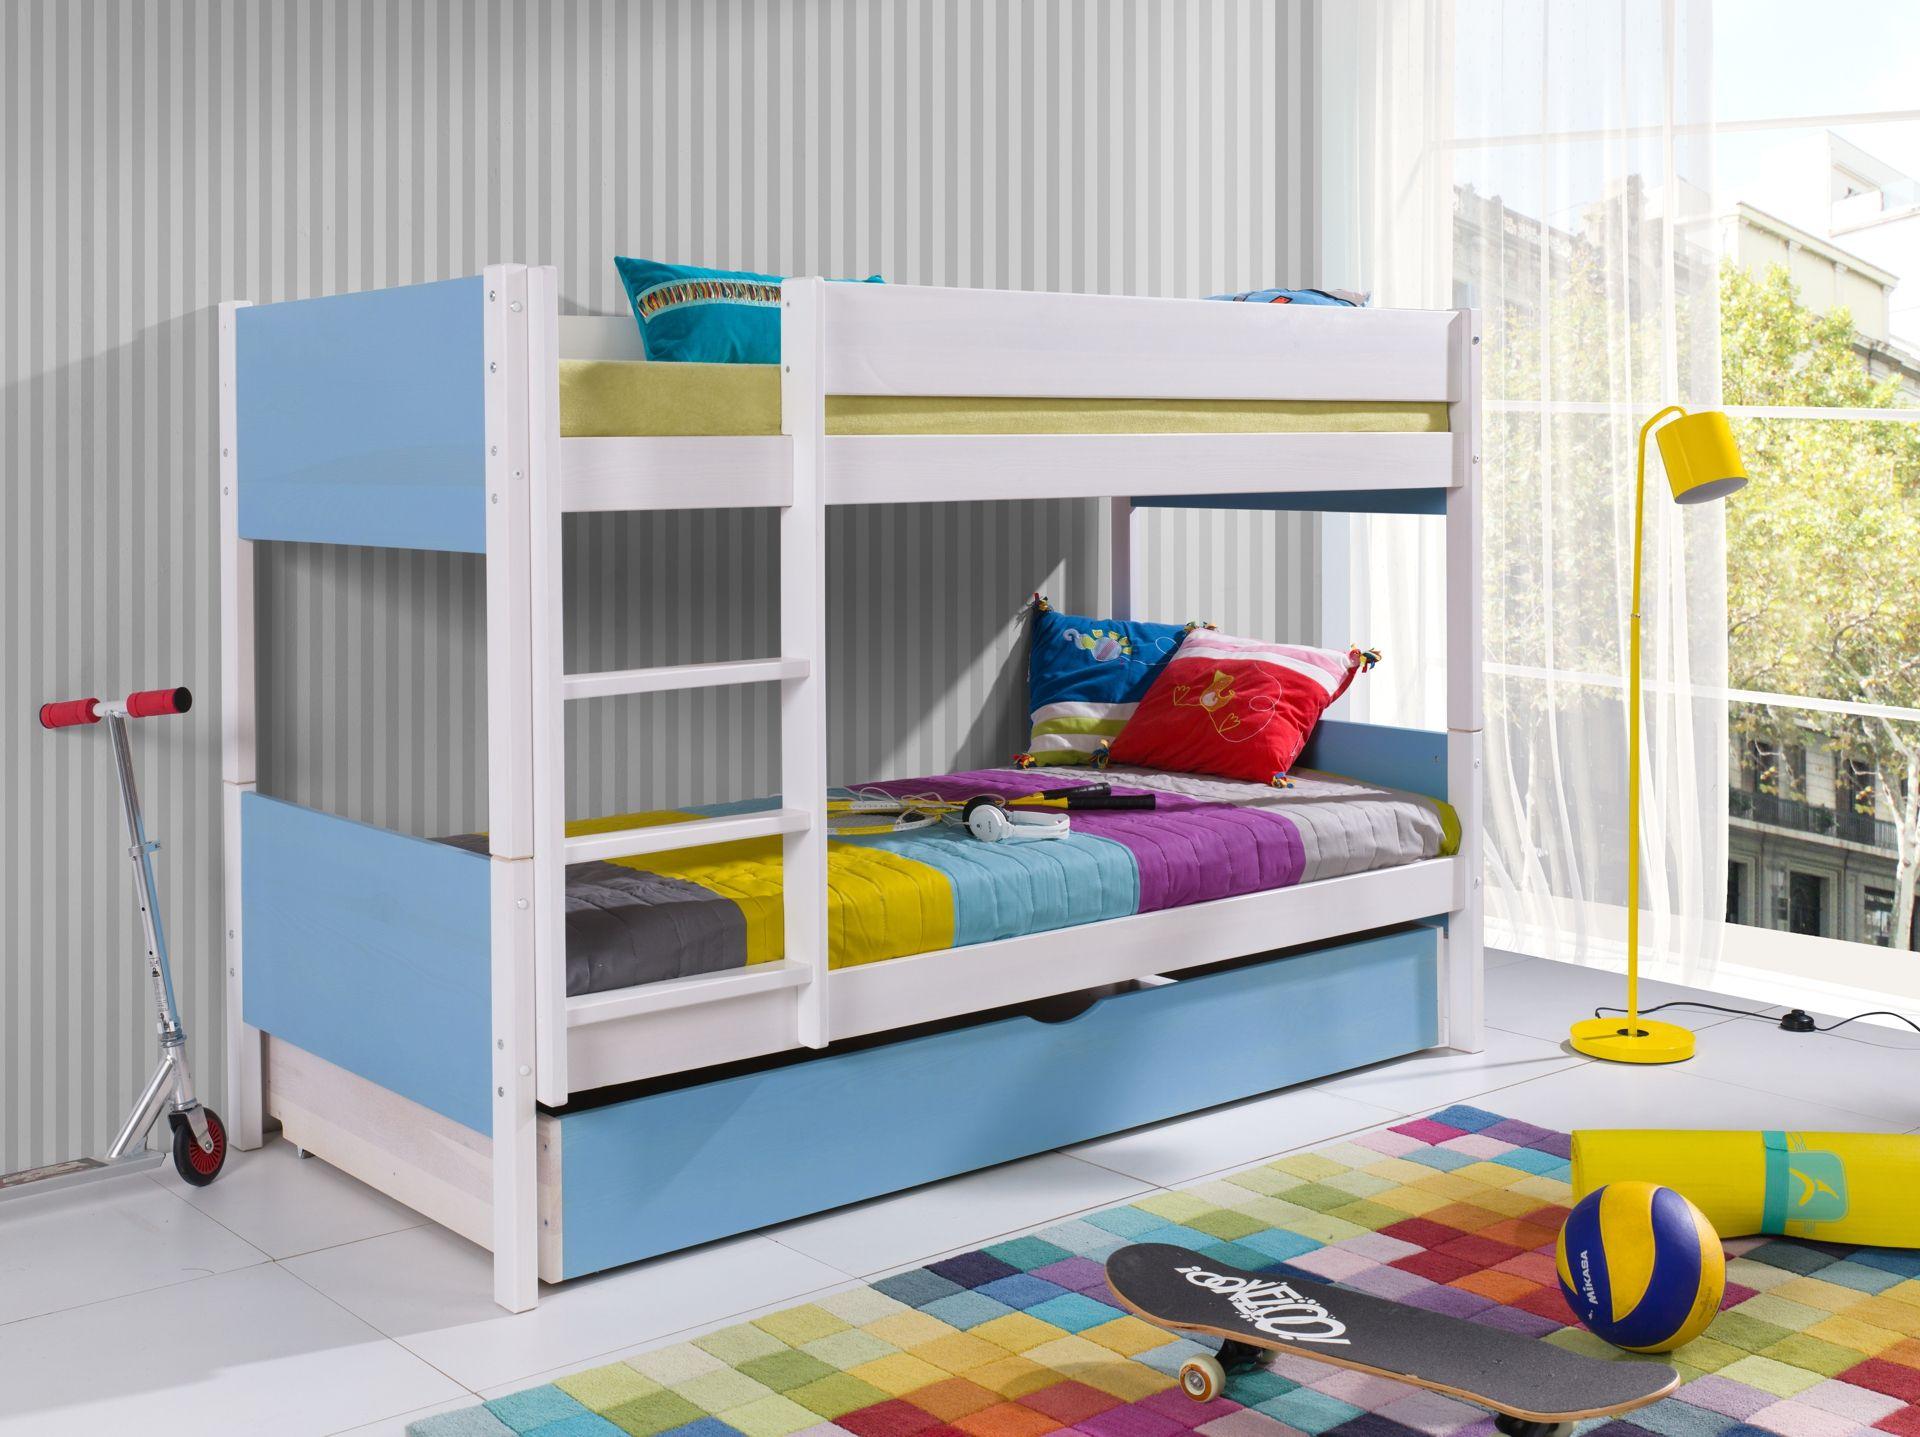 łóżko Piętrowe Tolo W Pięknych Kolorach Solidne łóżko Z